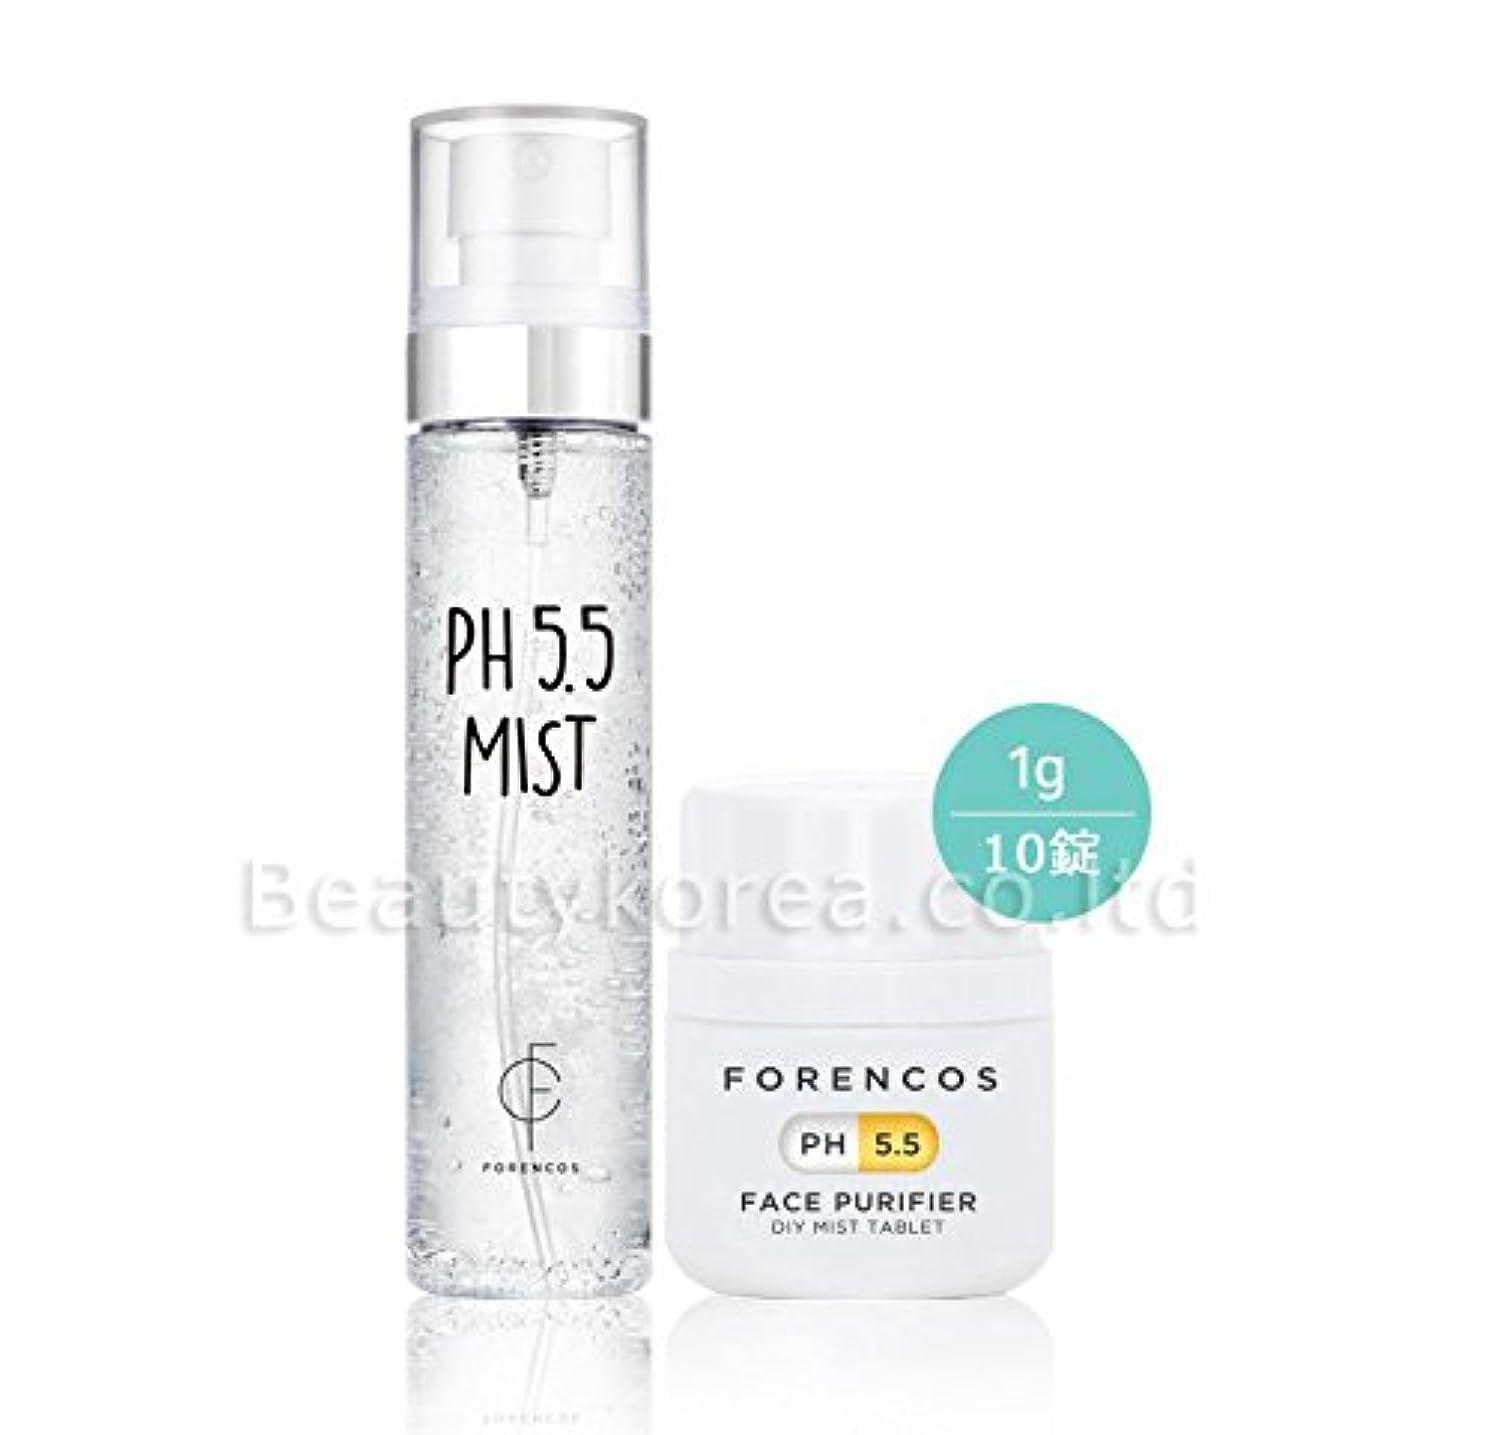 移植努力夜[FORENCOS] 花粉?PM2.5対策フォレンコス PH5.5フェイスピュリファイア弱酸性ミスト PH5.5 Purifier Mist [並行輸入品]